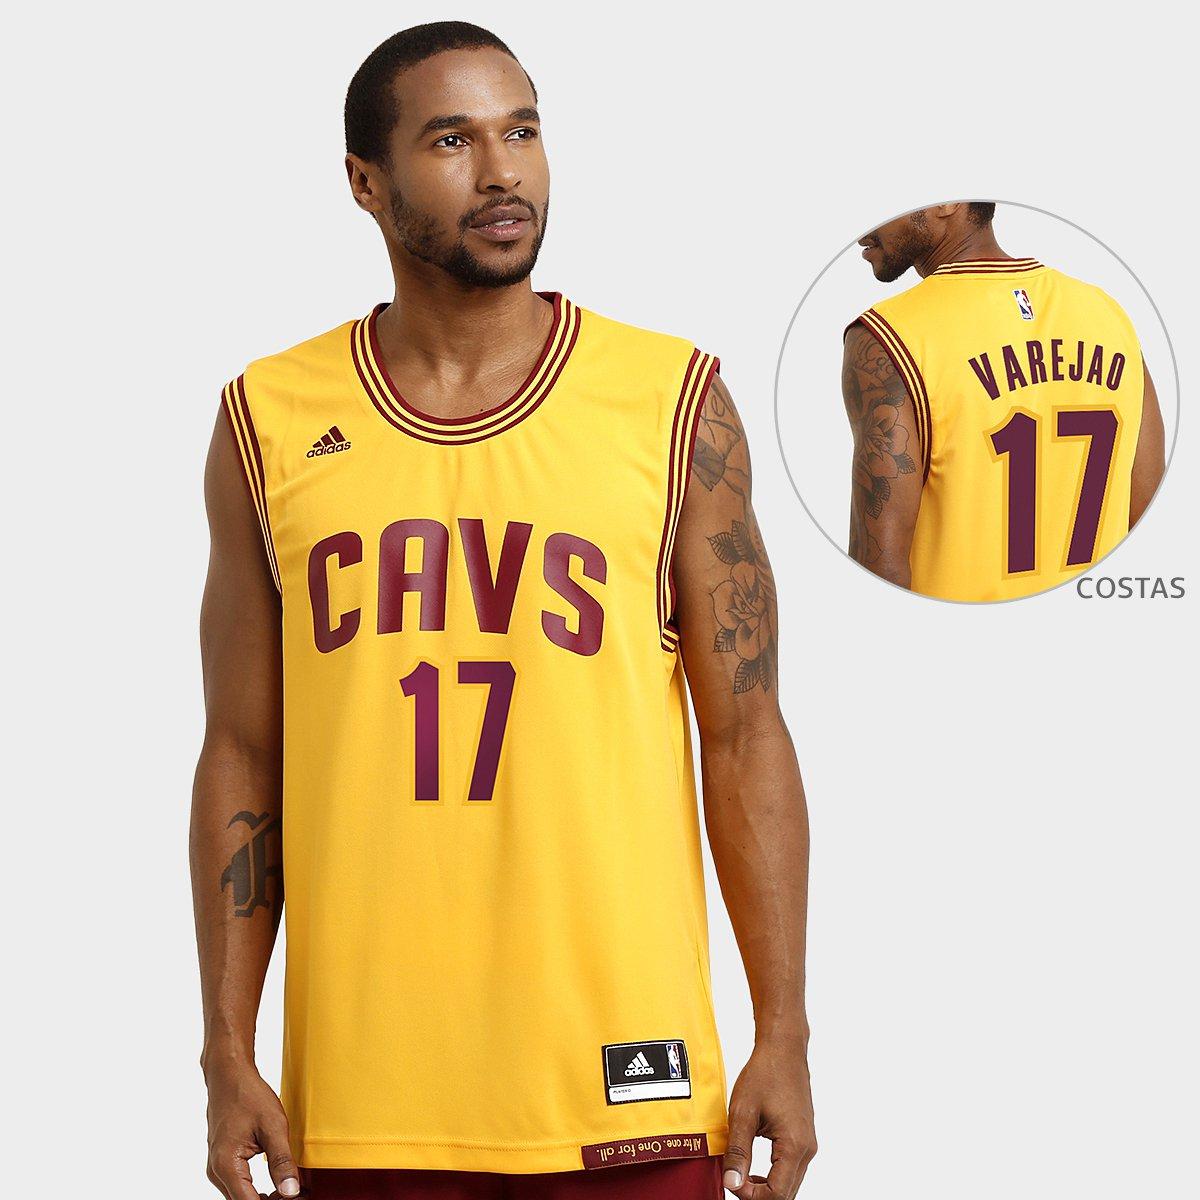 Camiseta Regata Adidas NBA Cleveland Cavaliers Alternate - Varejao nº 17 -  Compre Agora  459137de3a0ae